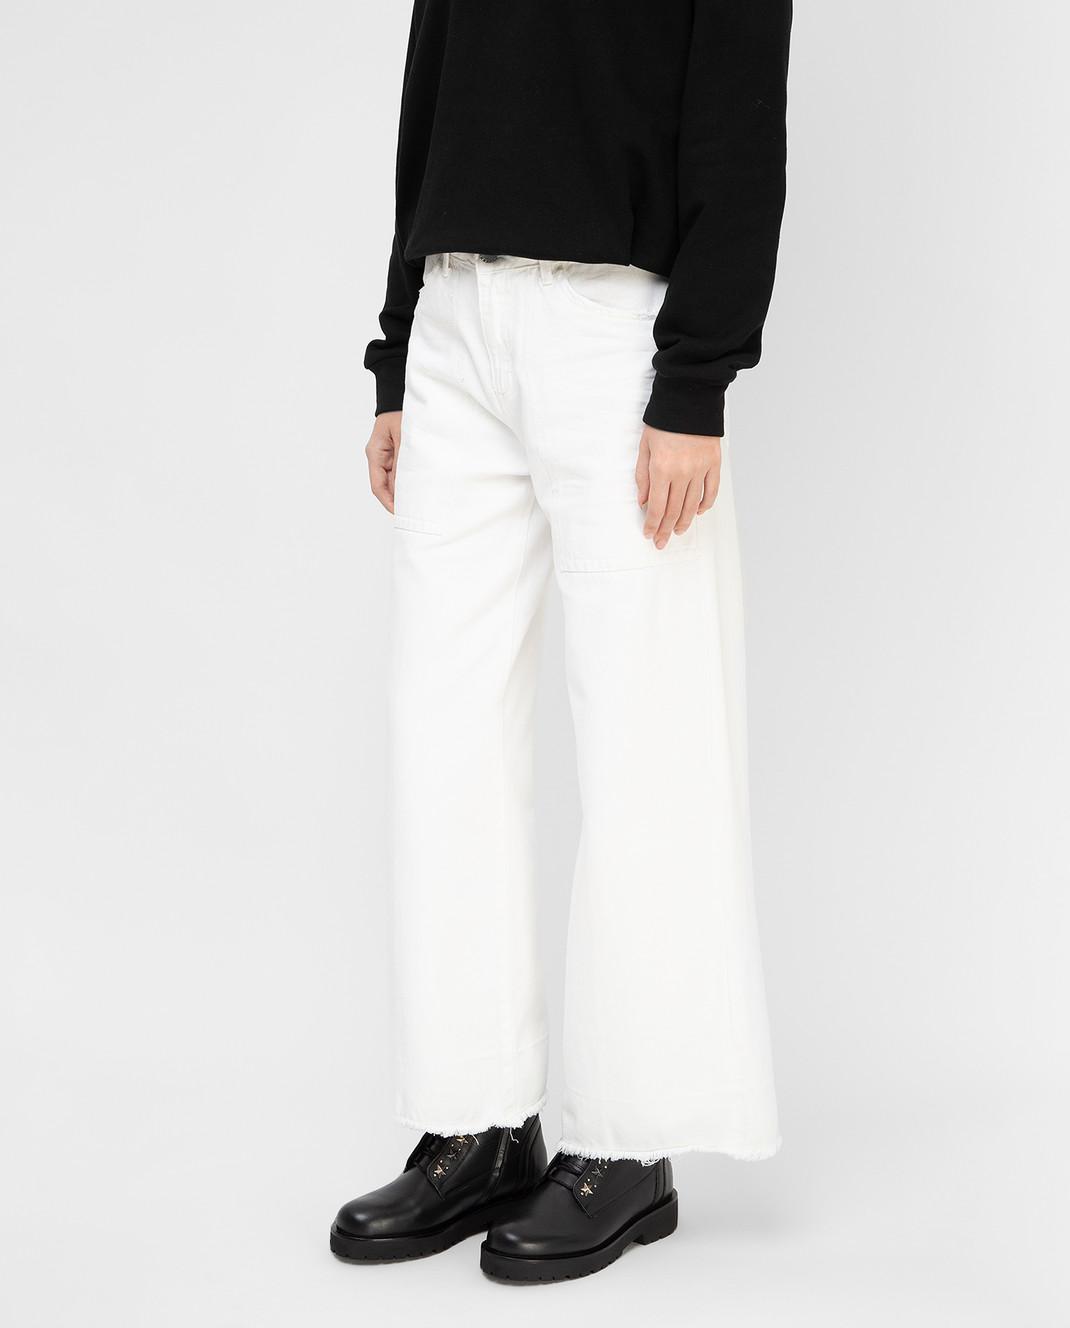 Twin Set Белые джинсы PS72S6 изображение 3